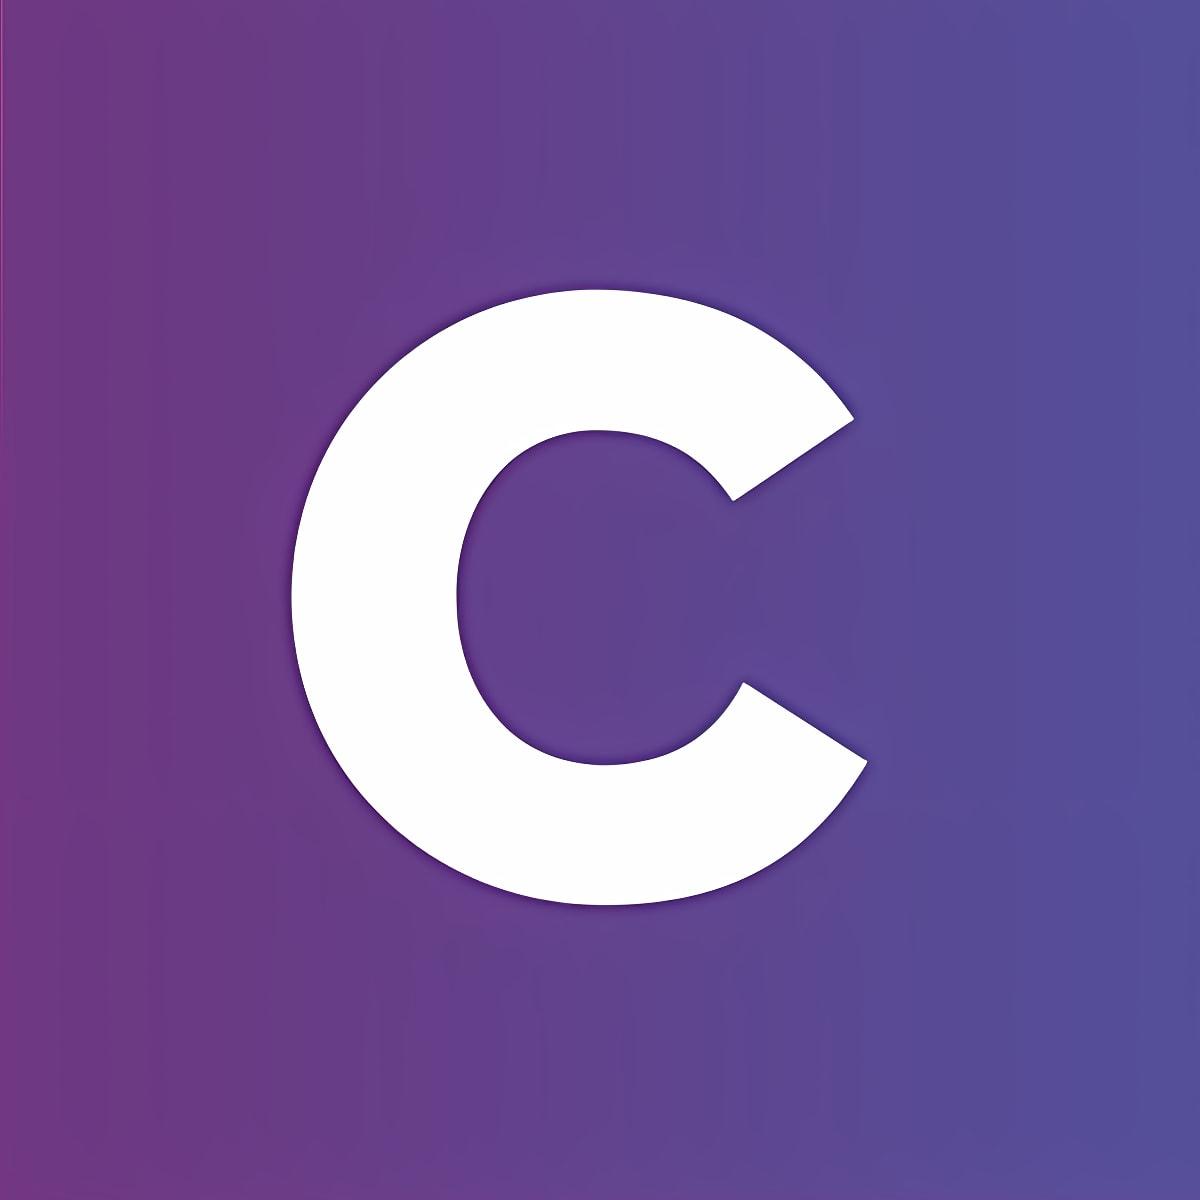 Chicfy 1.2.8